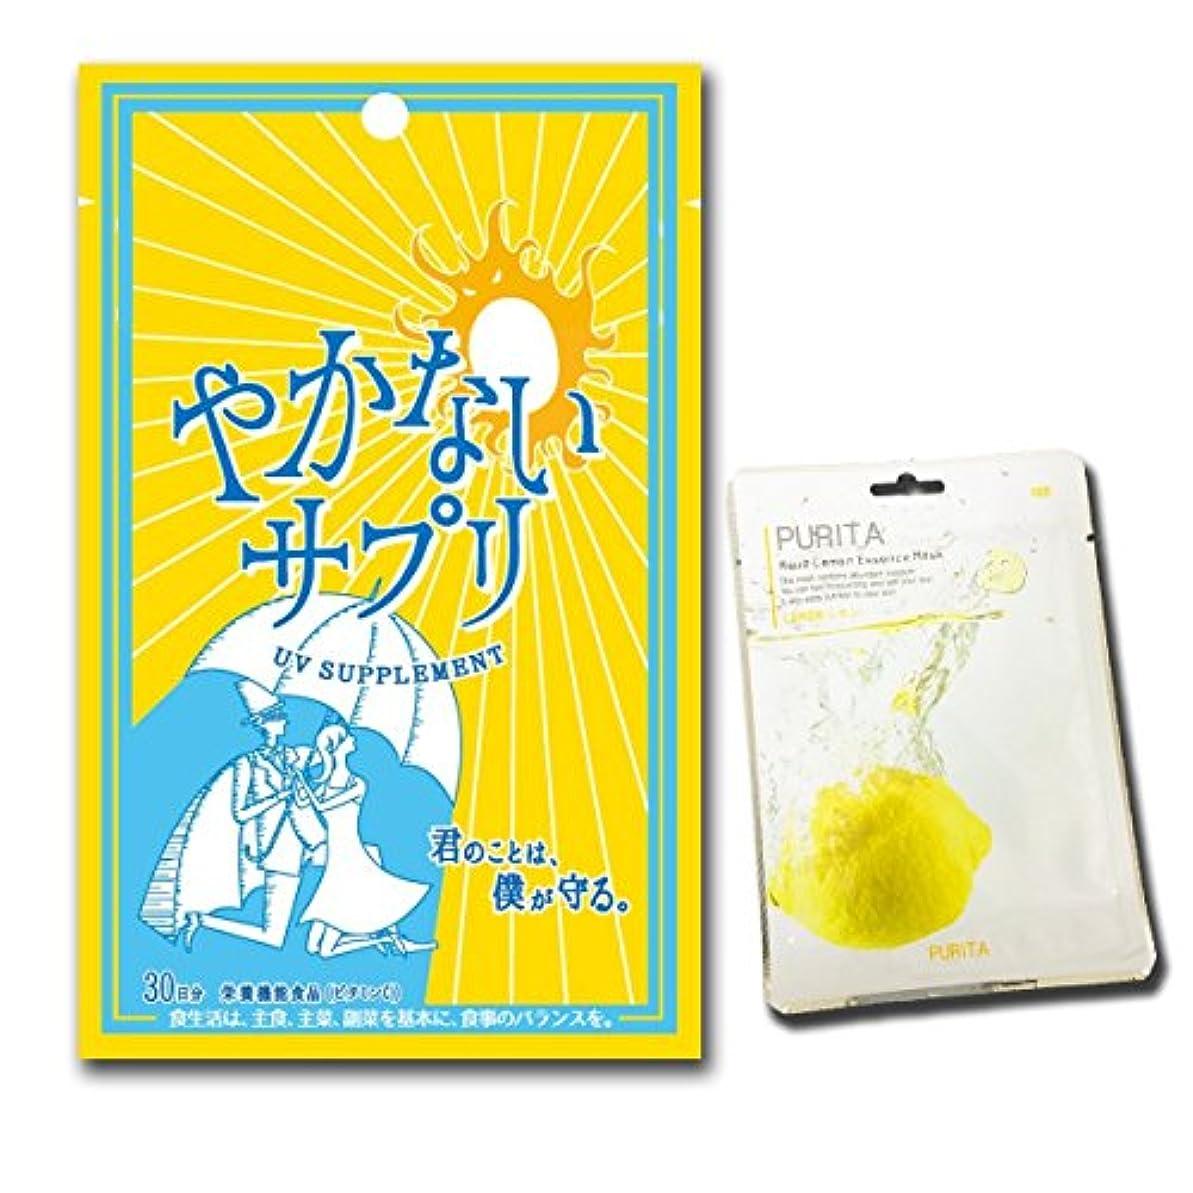 休み校長母音飲む日焼け止め やかないサプリ 日本製 (30粒/30日分) PURITAフェイスマスク1枚付